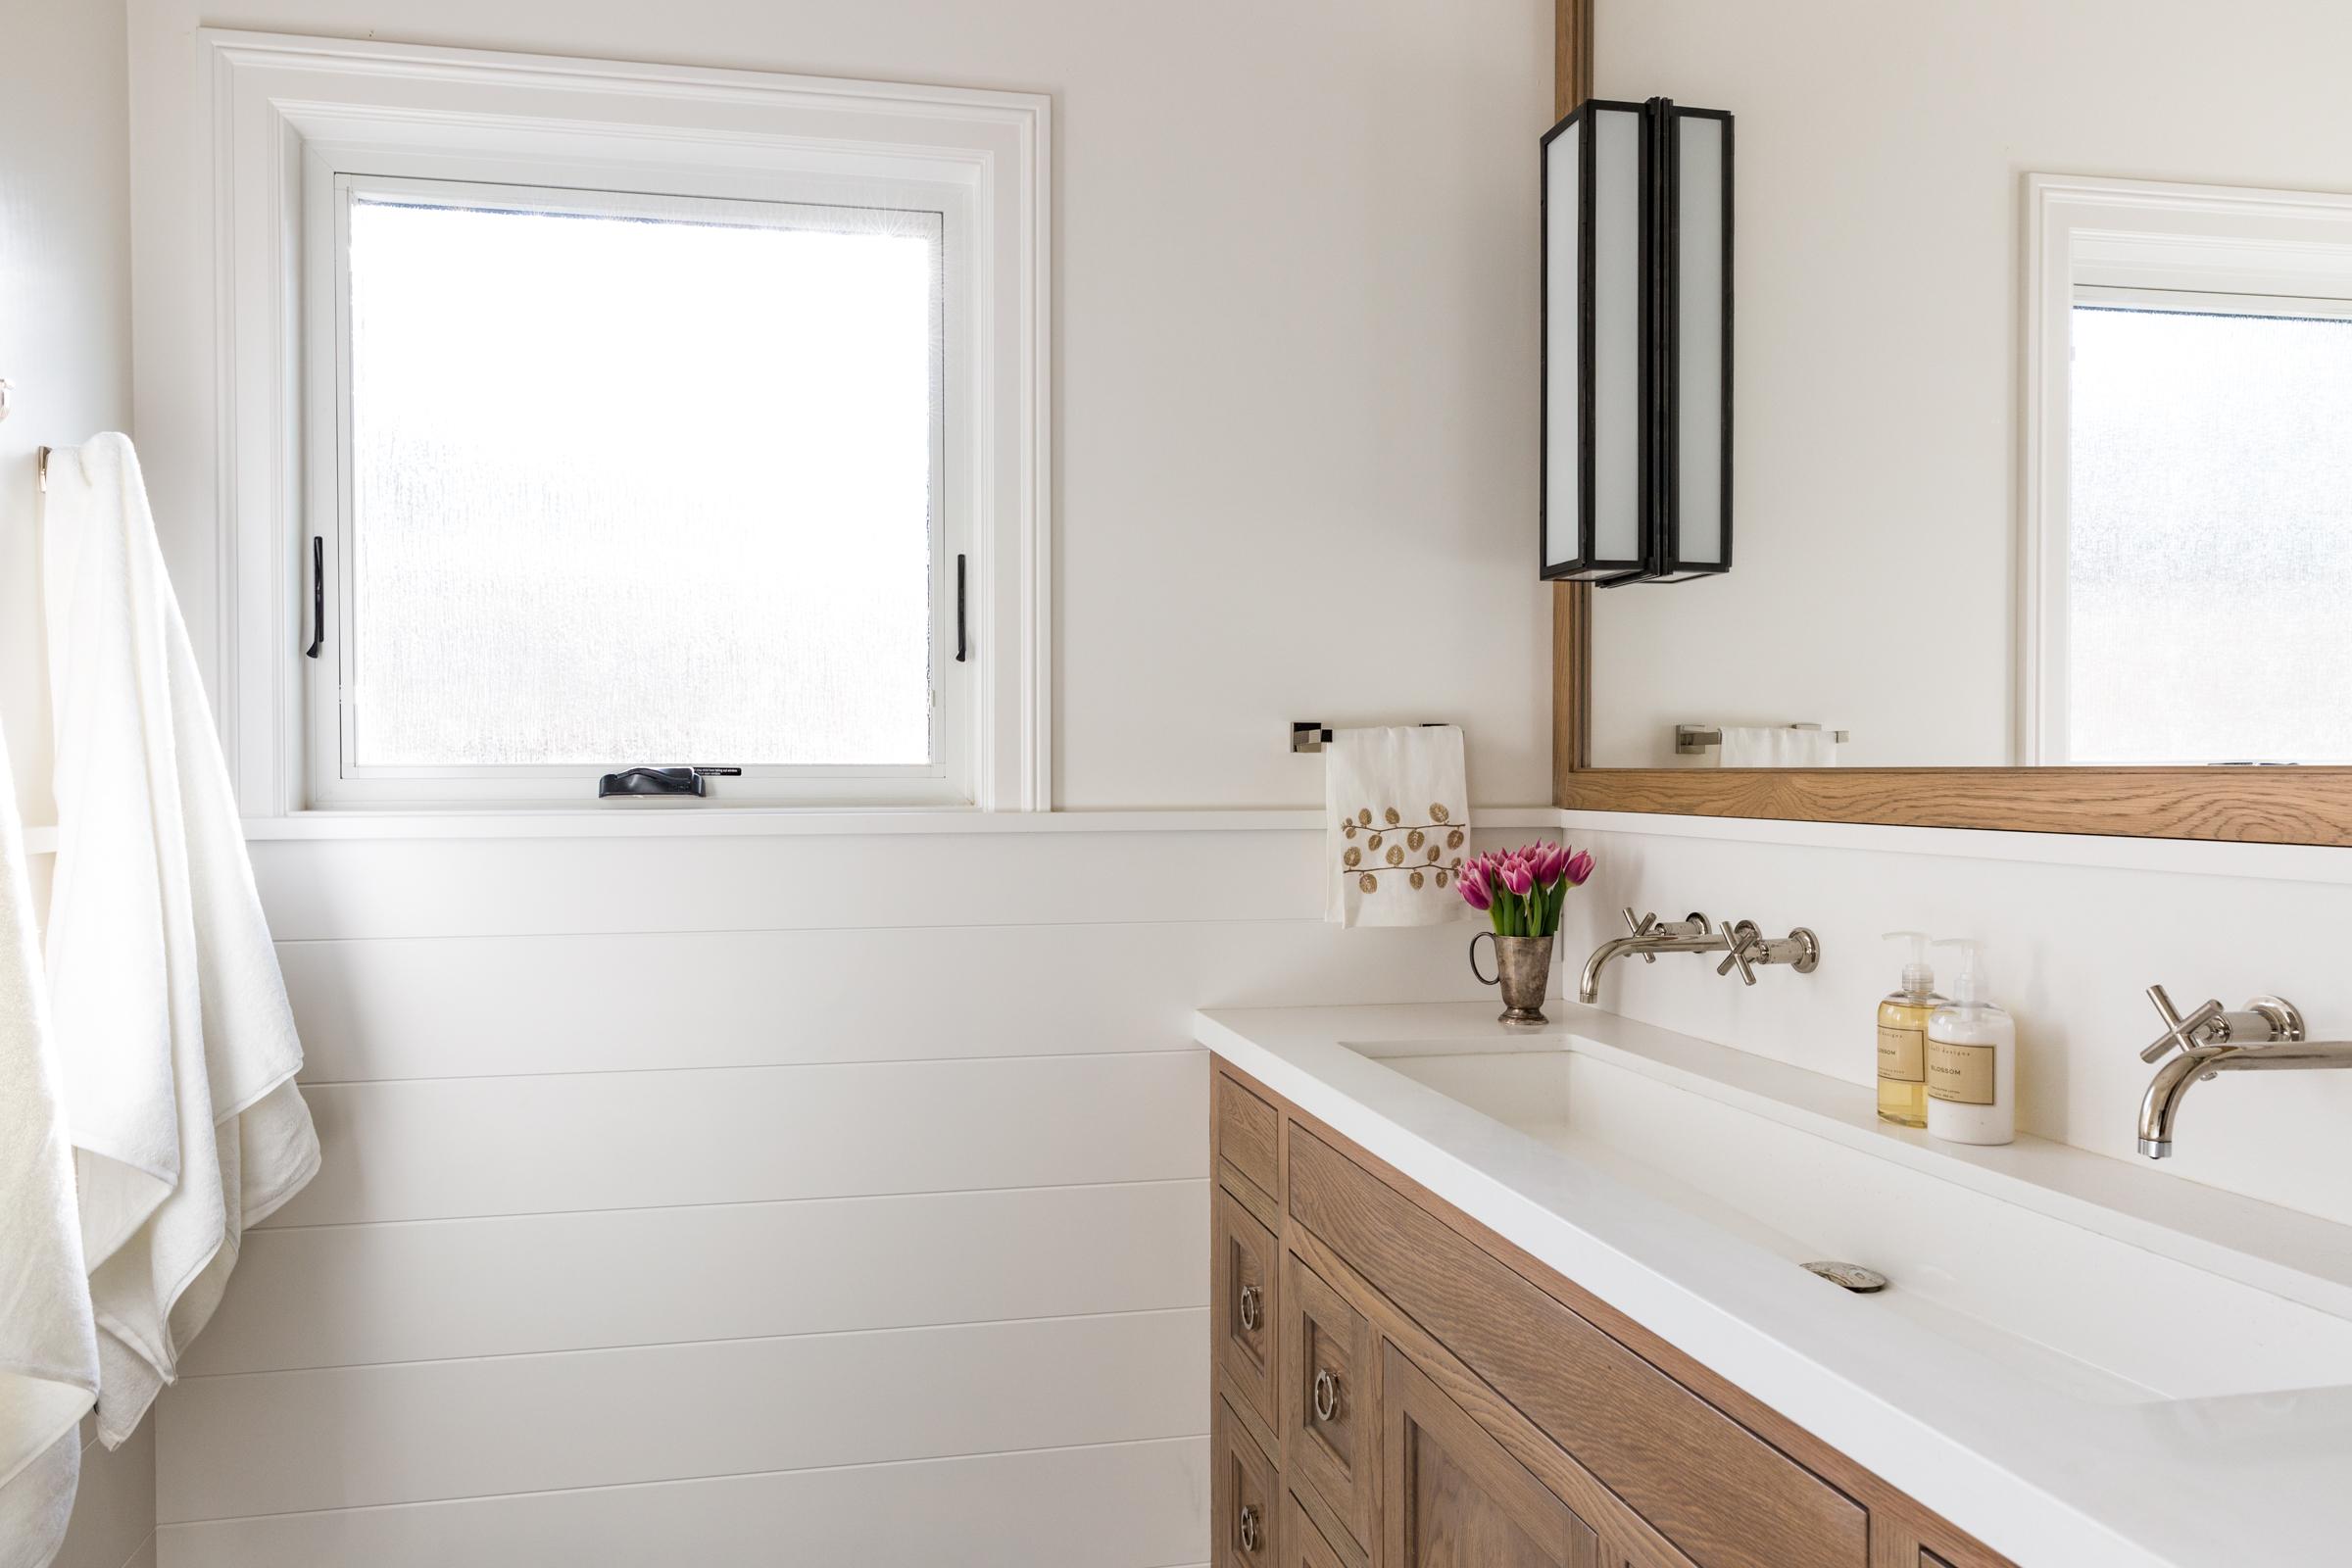 celeste_bathrooms-2.jpg